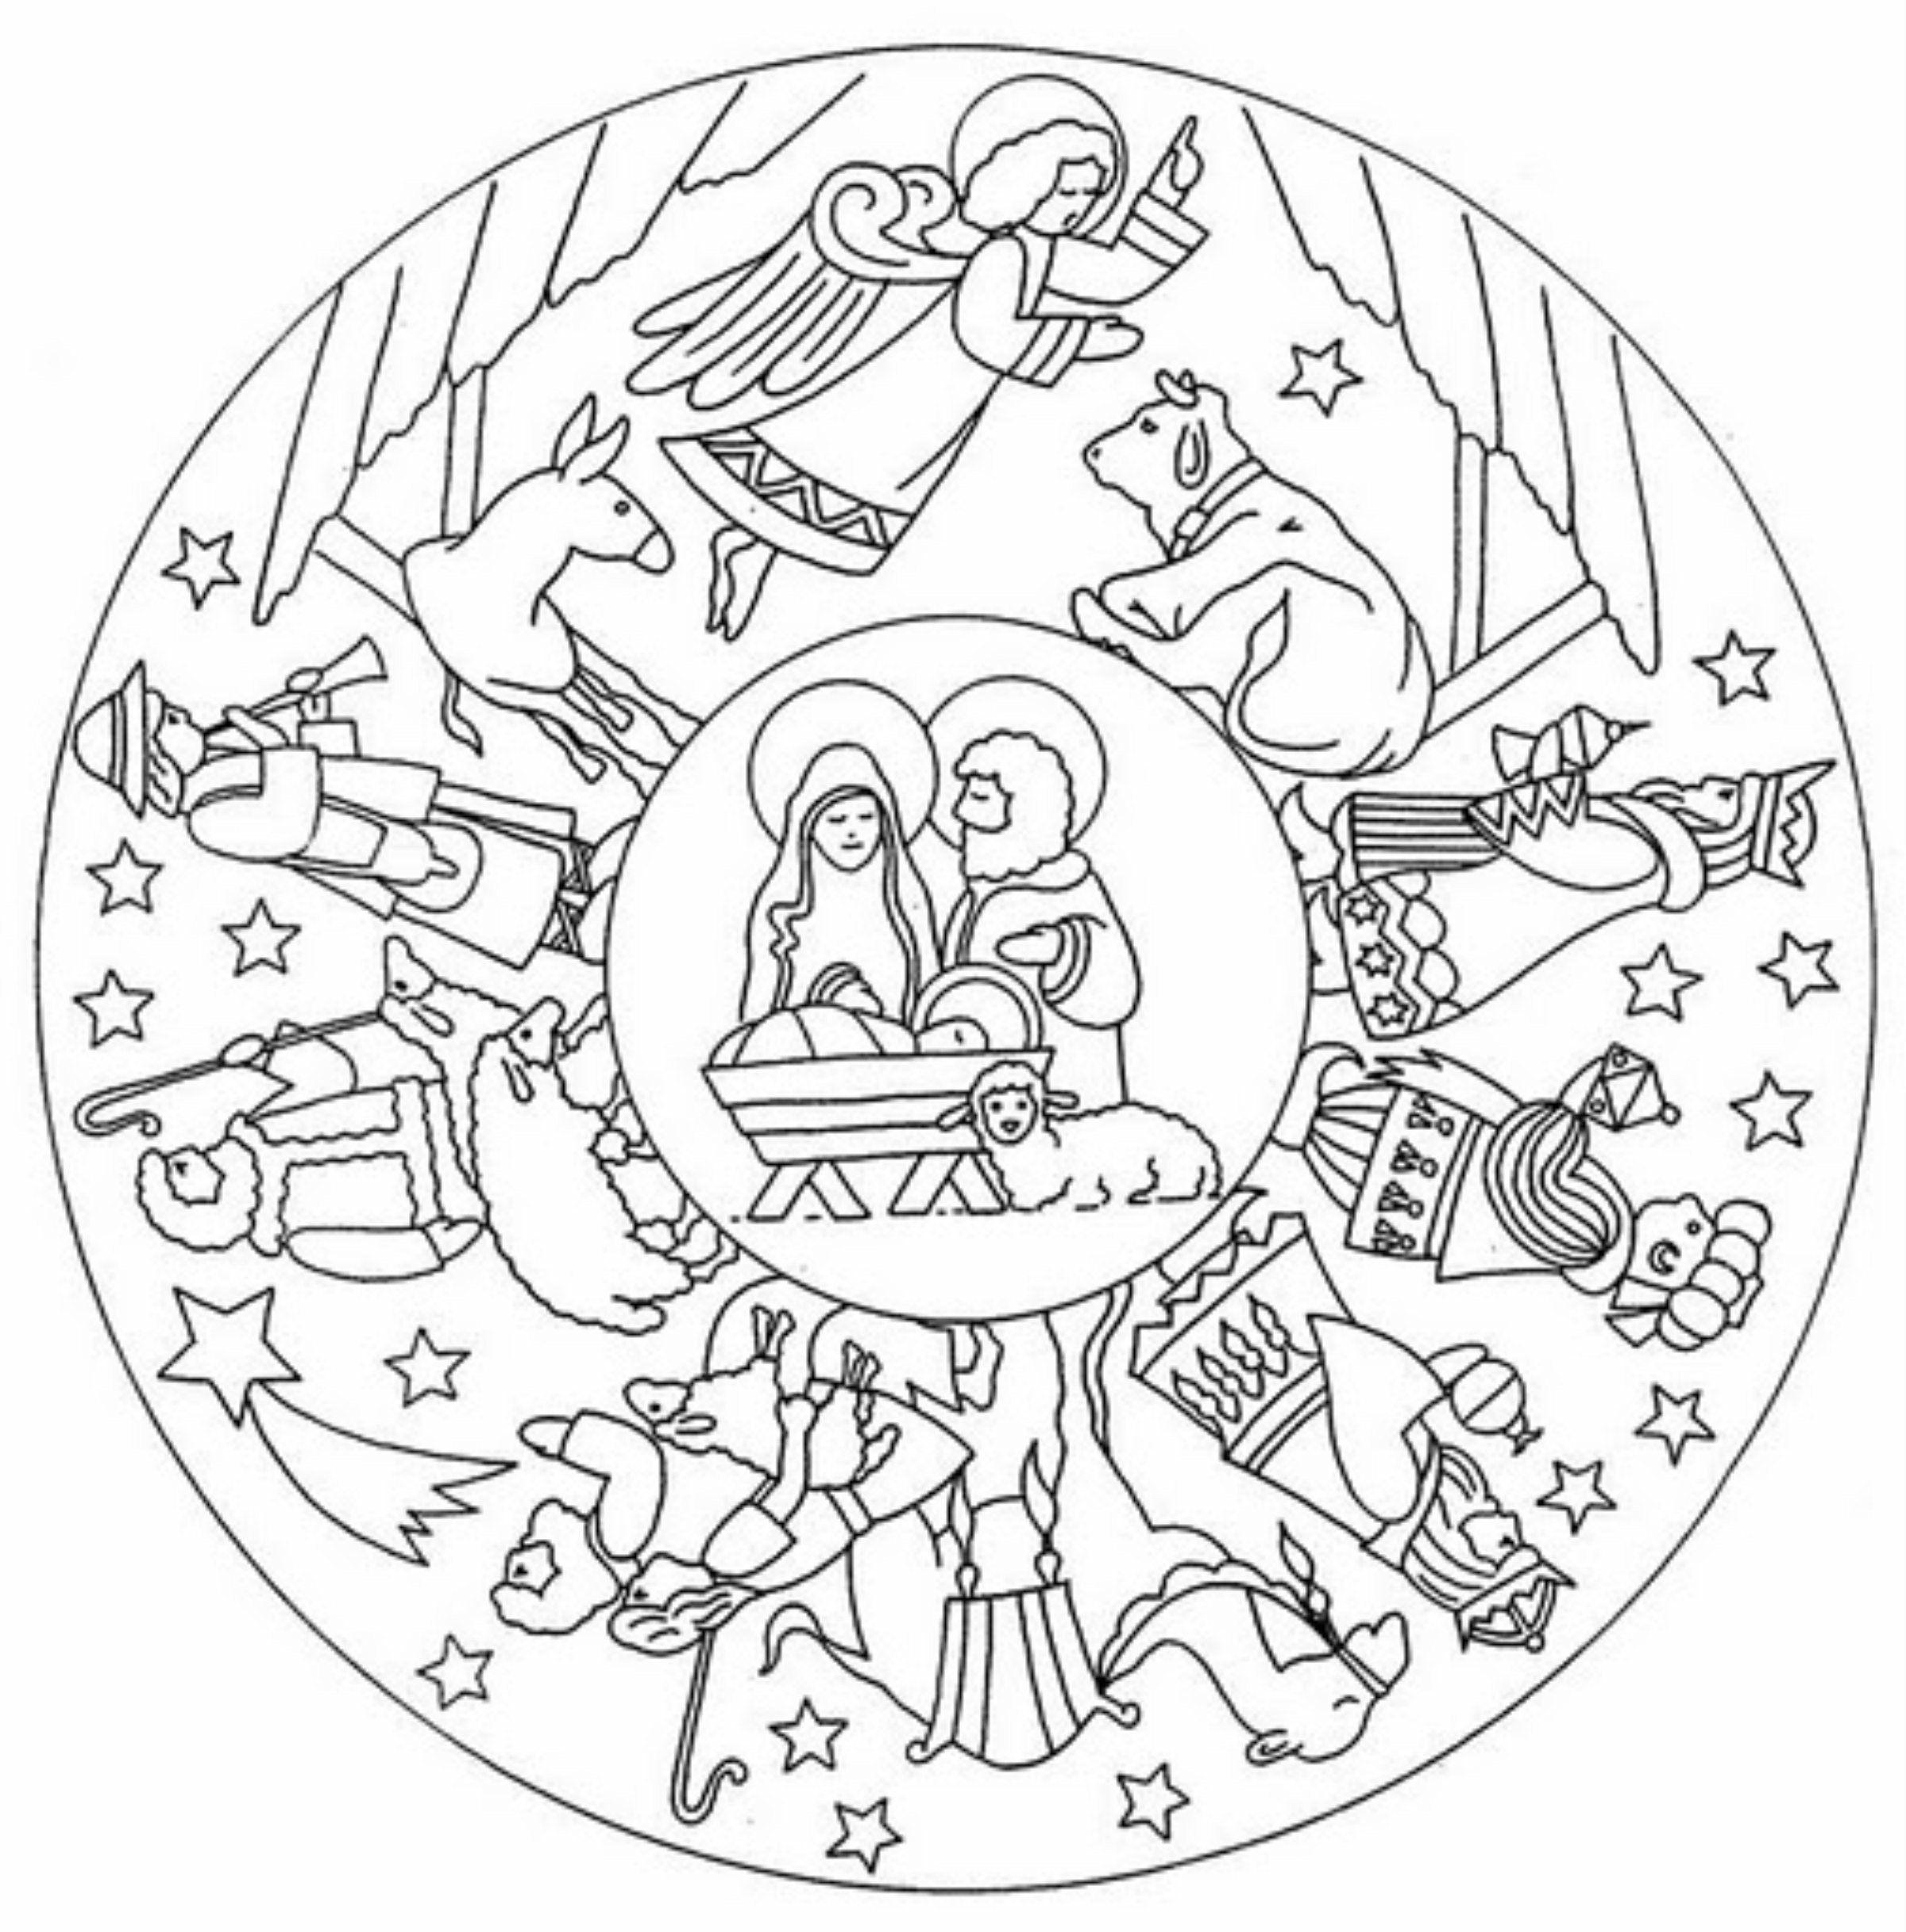 Mandala Malvorlagen Weihnachten Handwerk Weihnachten Mandalas Mandalas Für Kinder Tag Des Fotografie Christmas Mandalas Mandalas For Children